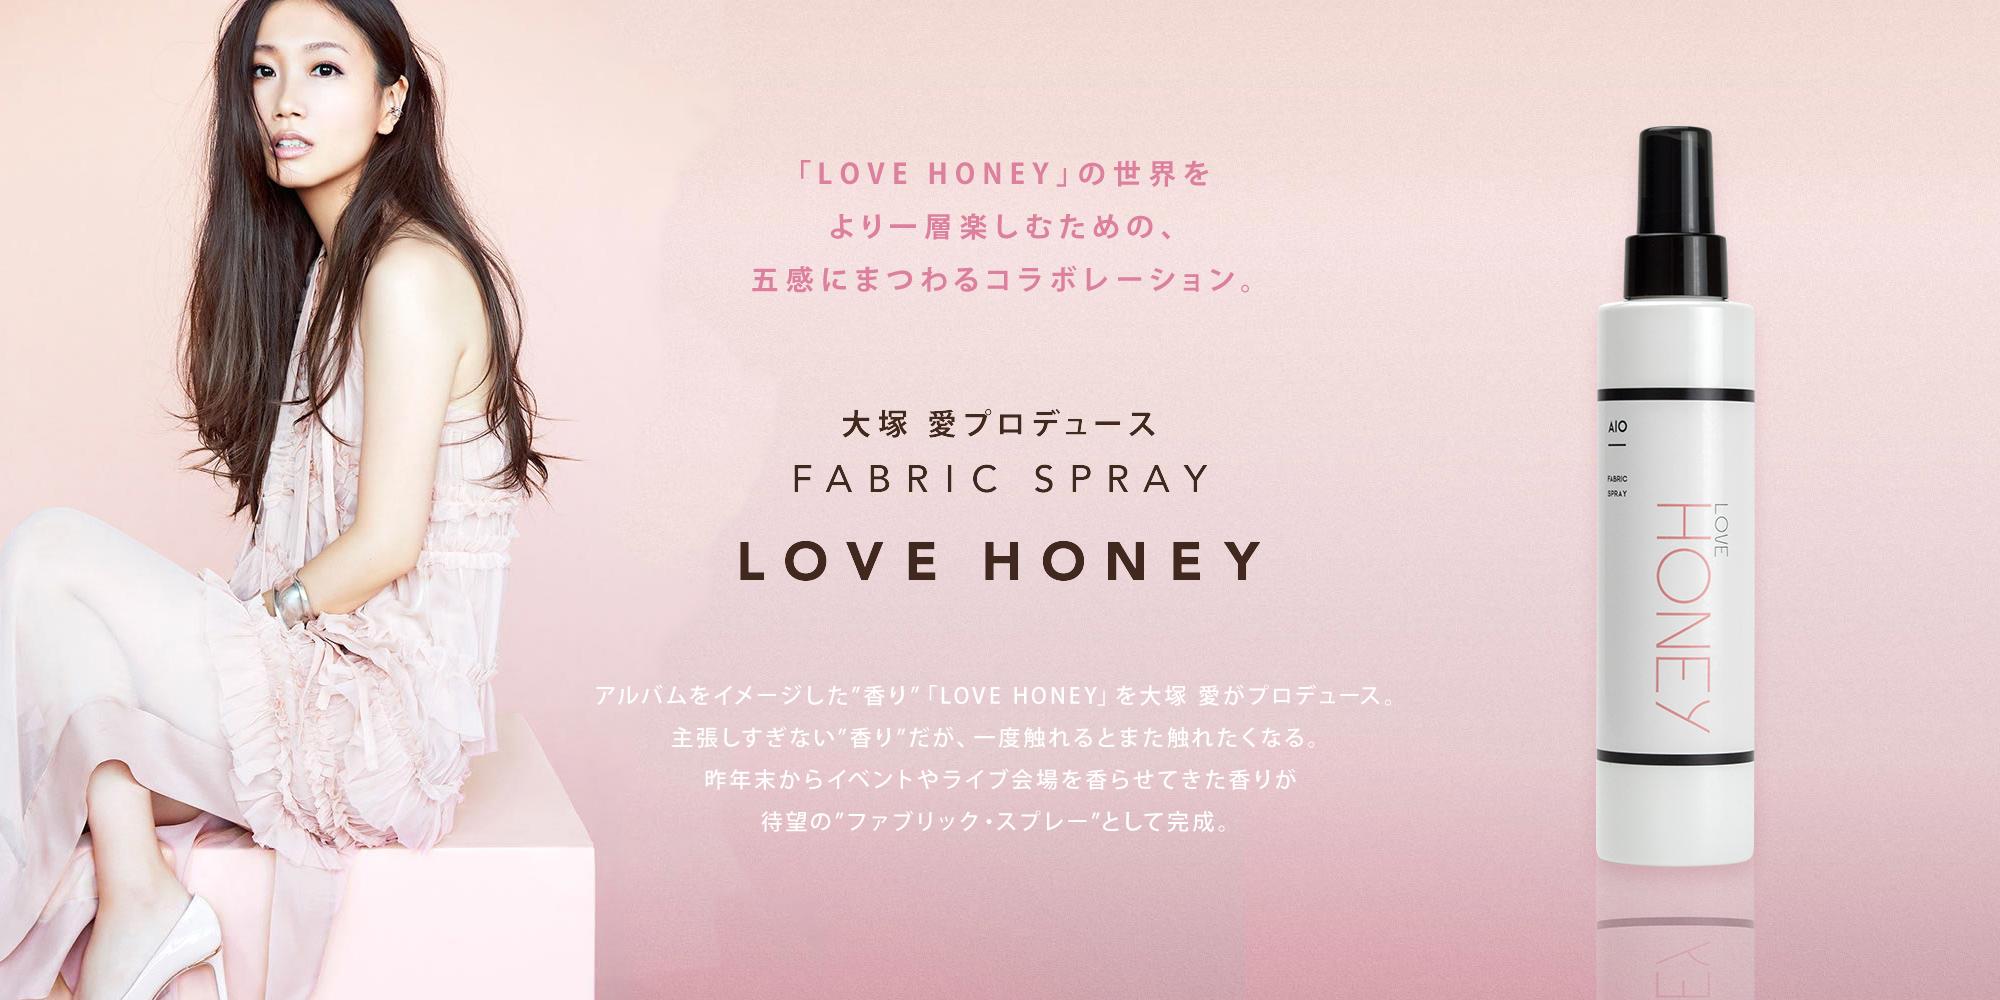 大塚 愛プロデュース FABRIC SPRAY LOVE HONEY 公式販売サイト